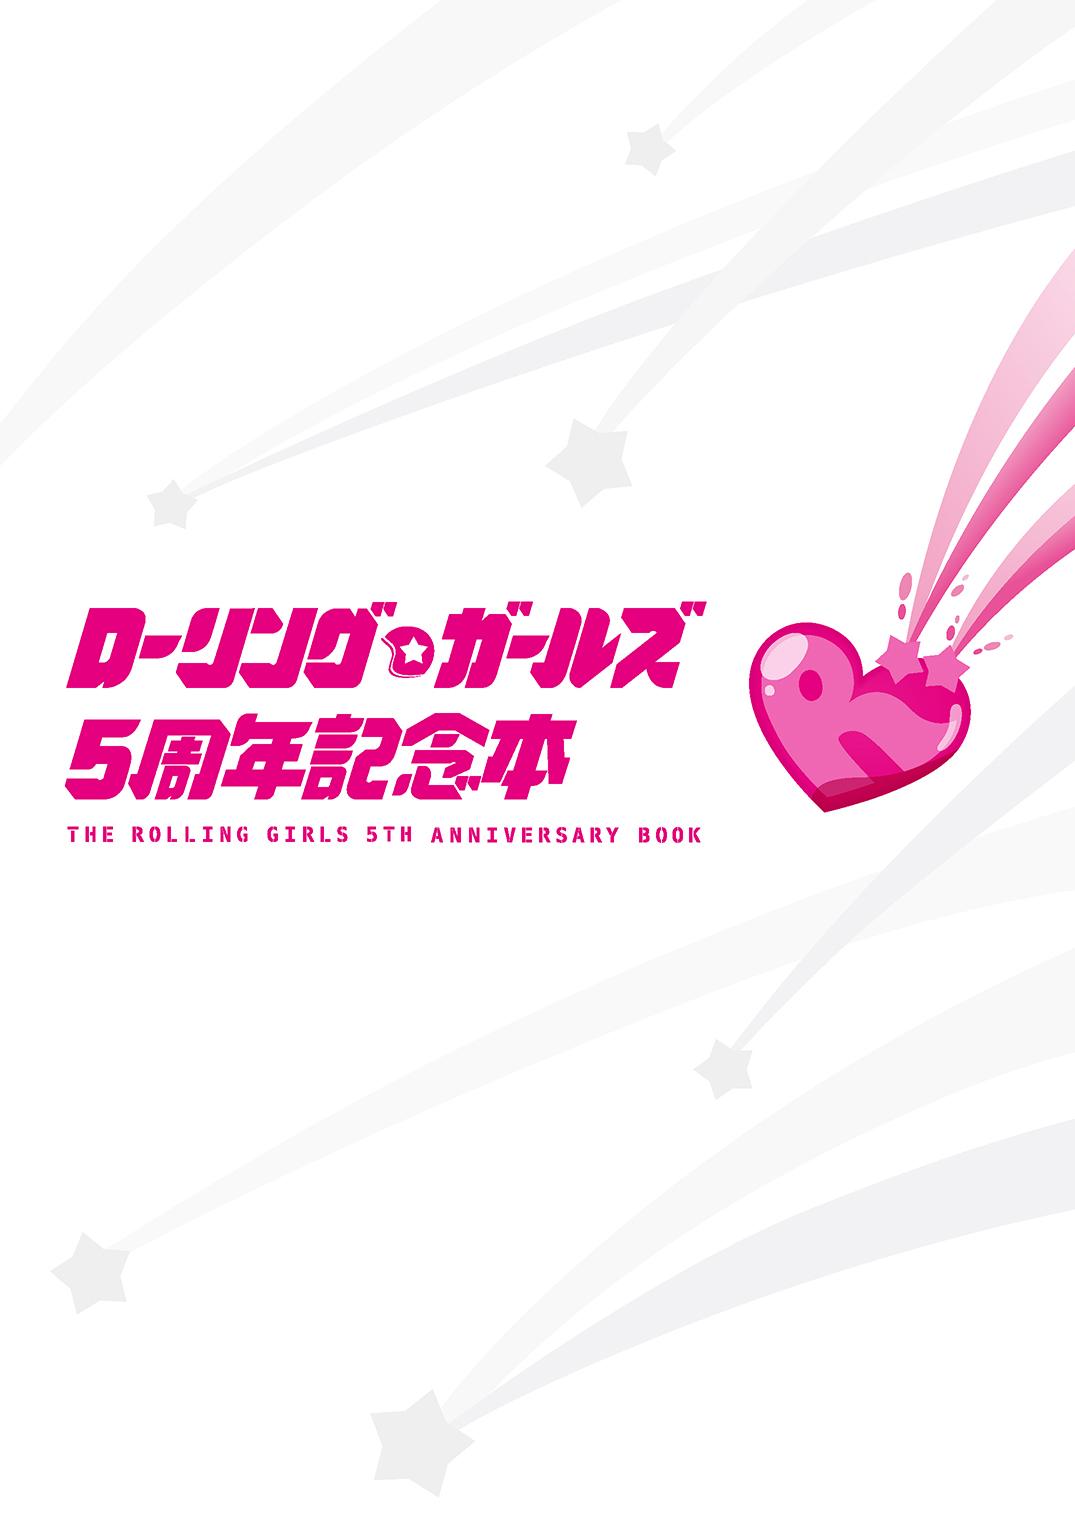 「ローリング☆ガールズ 5周年記念本」詳細解禁!